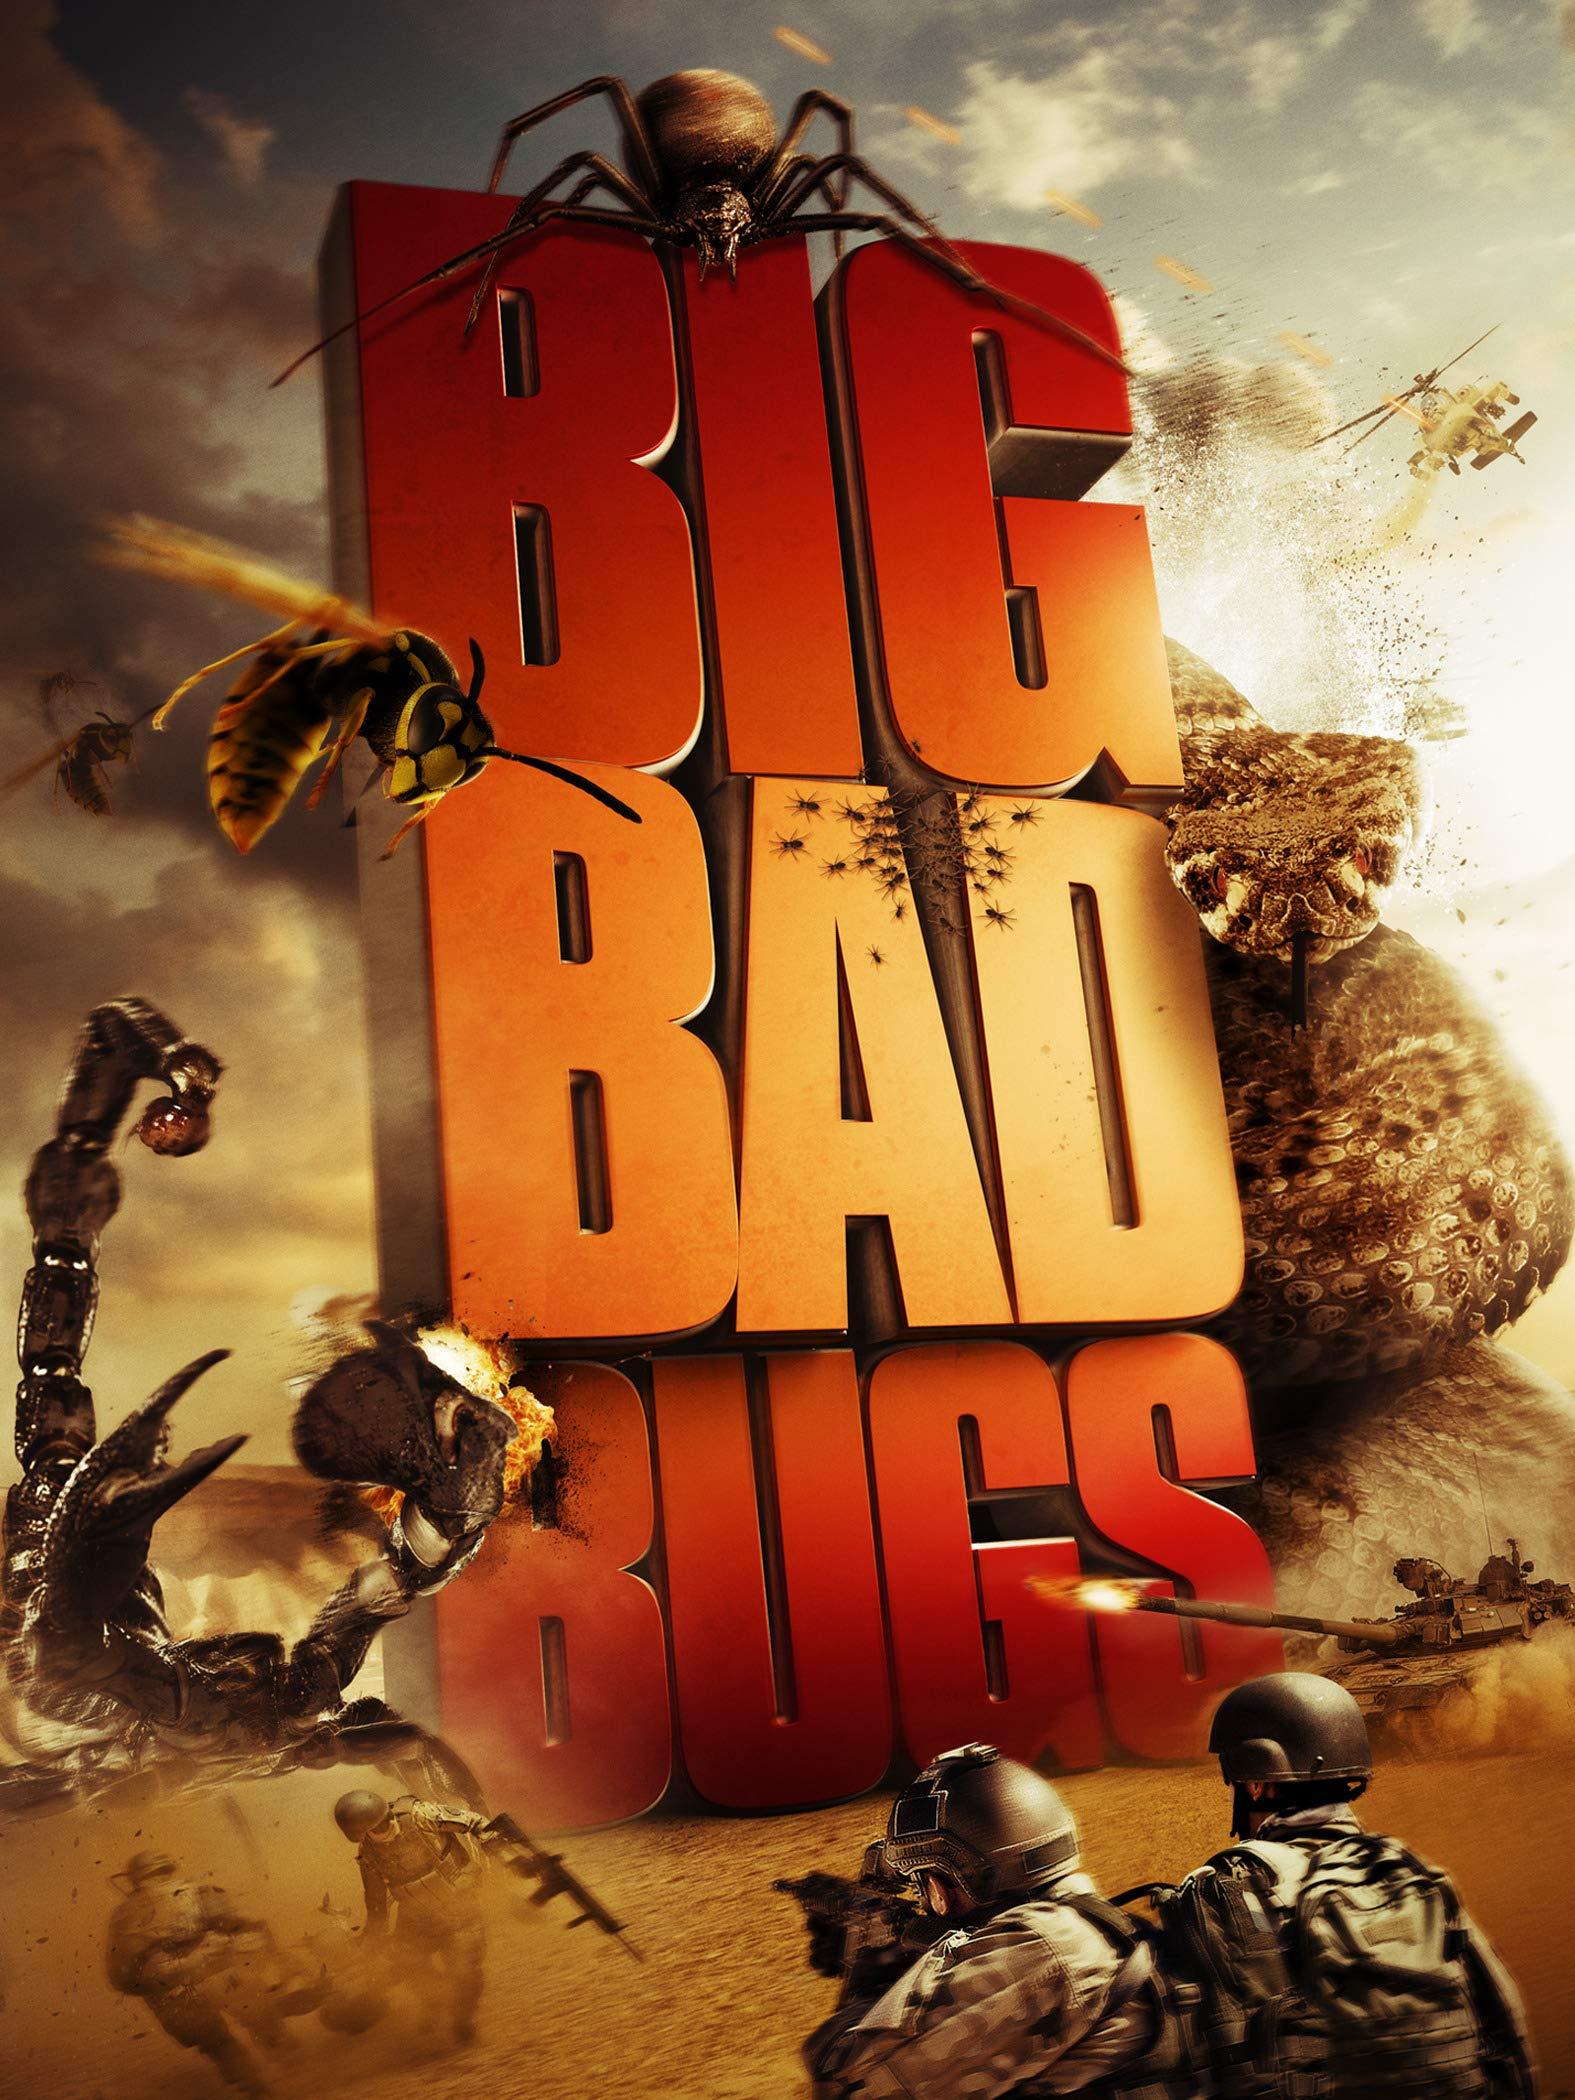 Big Bad Bugs on Amazon Prime Video UK